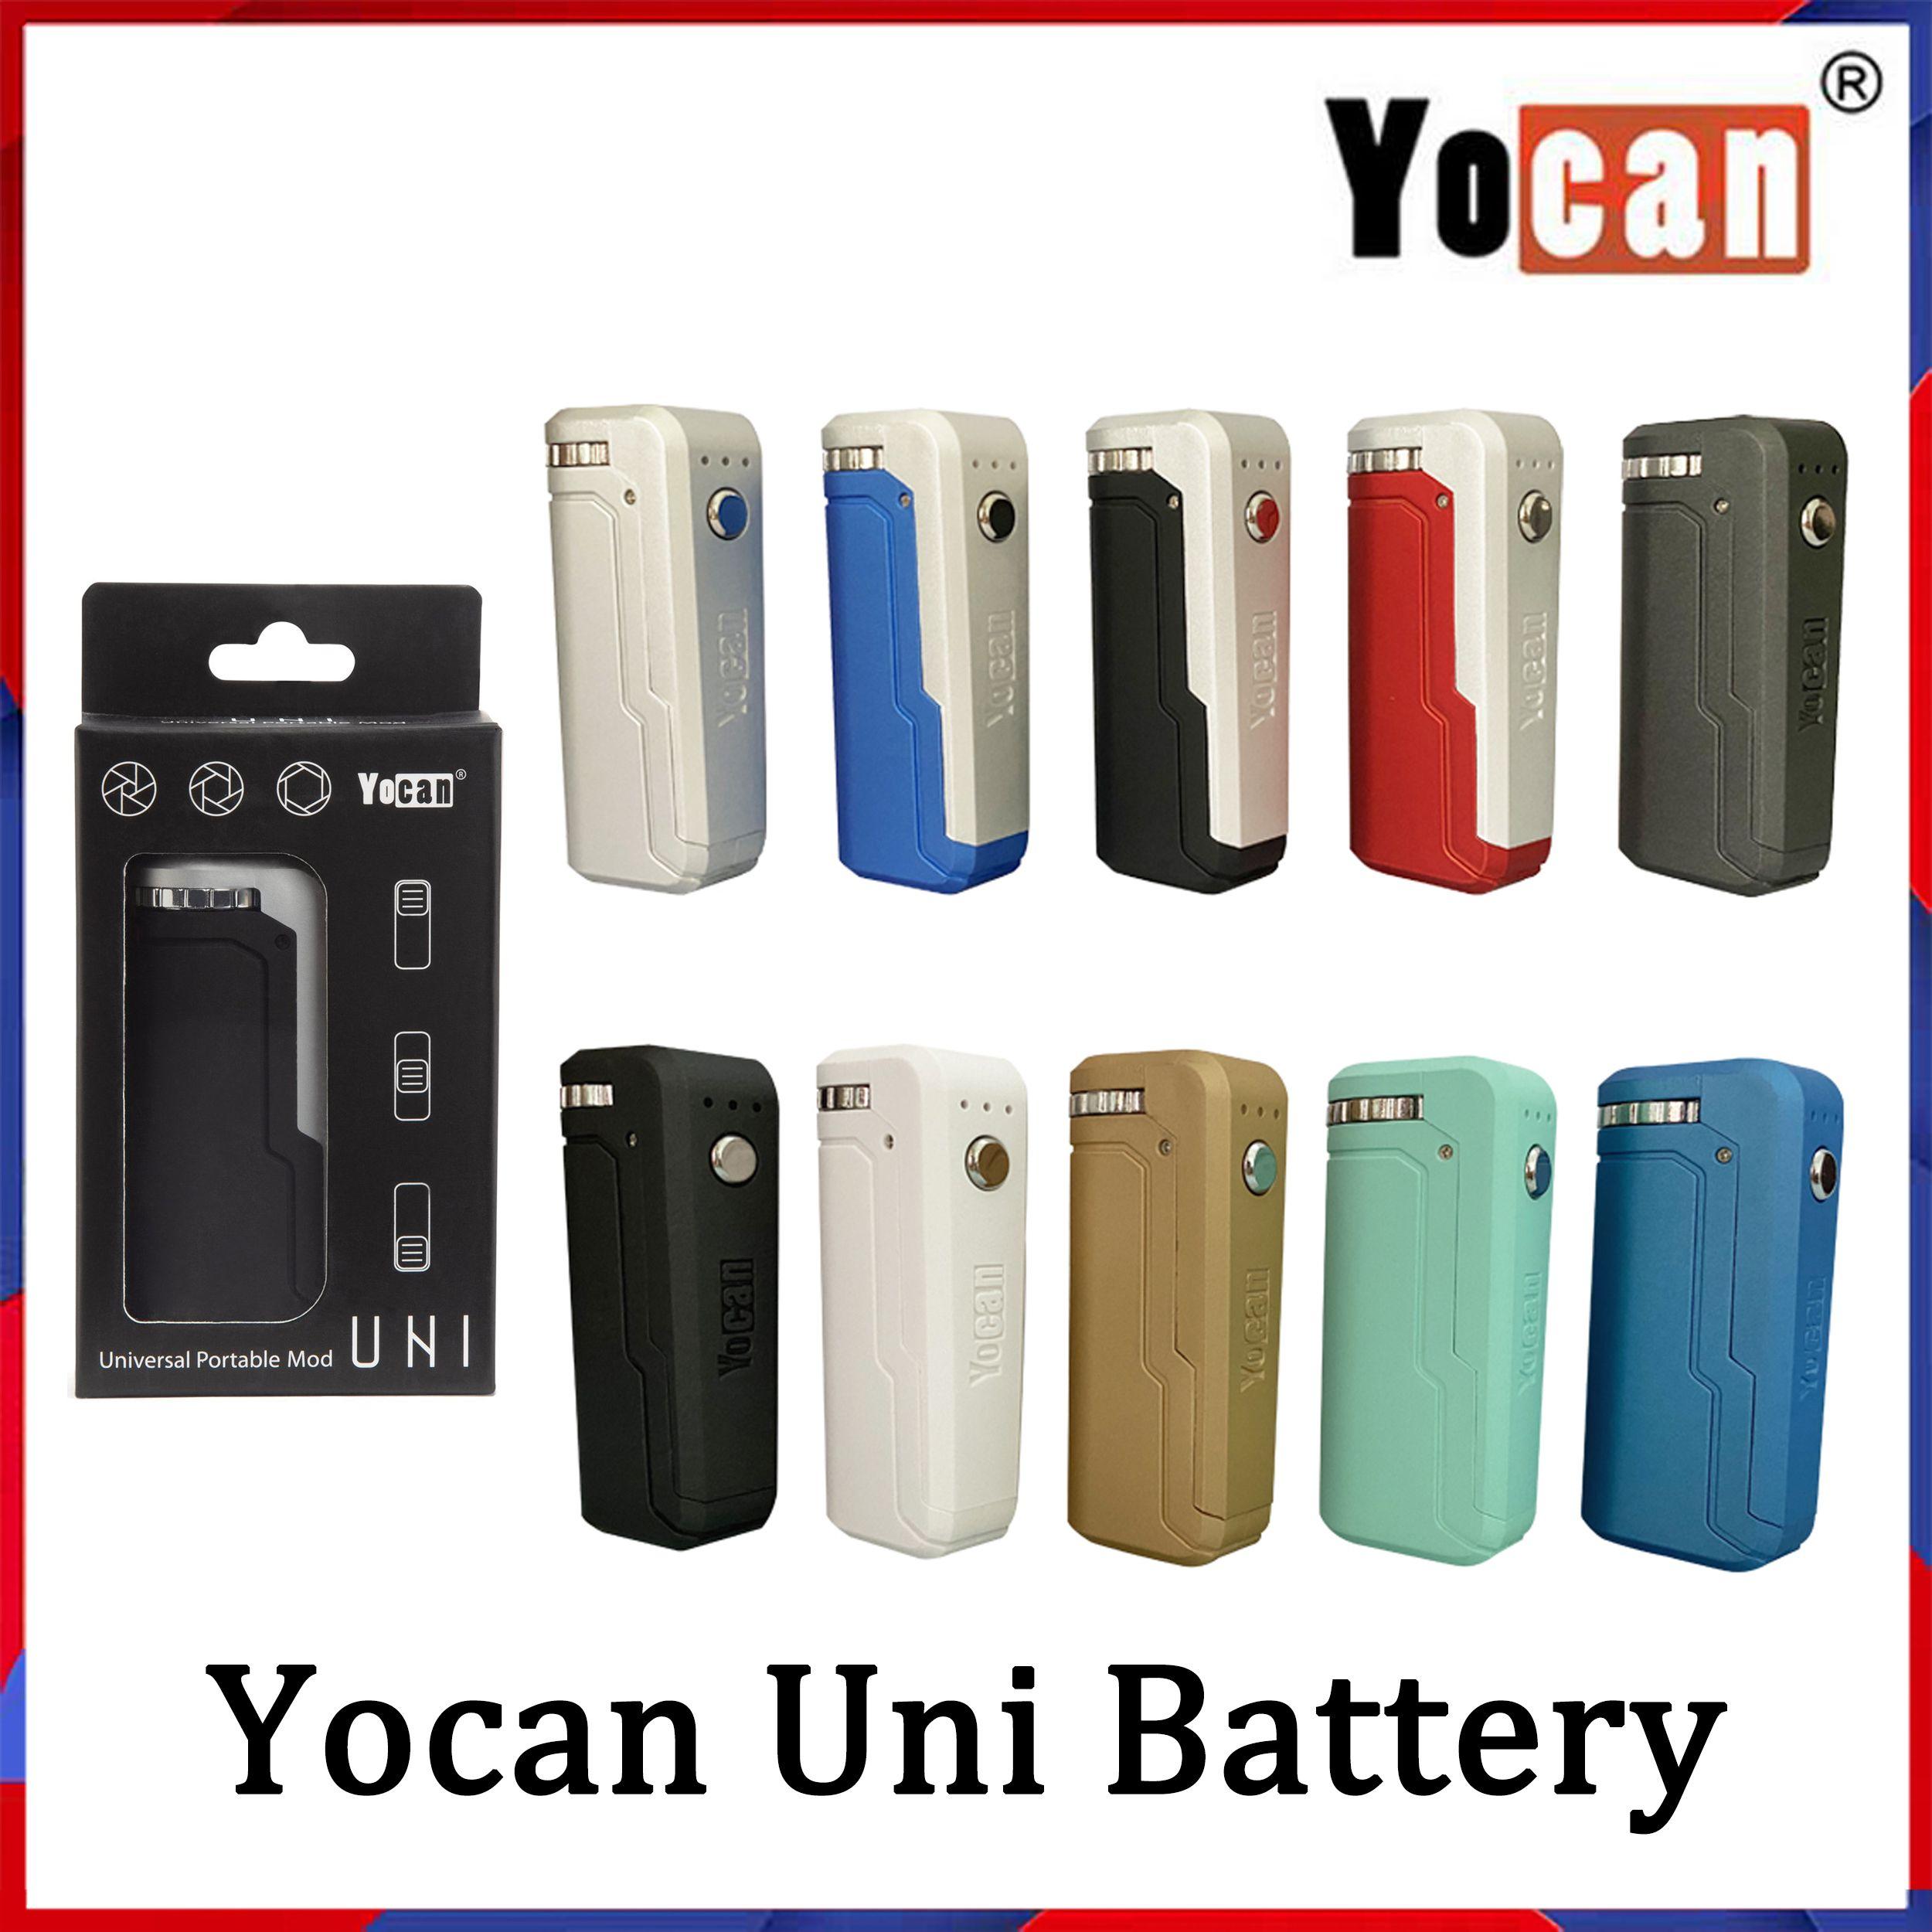 Yocan Uni Box Mod Kitleri 650 mAh Preheat VV Değişken Gerilim Pil Ile Manyetik 510 Adaptörü Kalın Yağ Kartuşu VS VMOD TH420